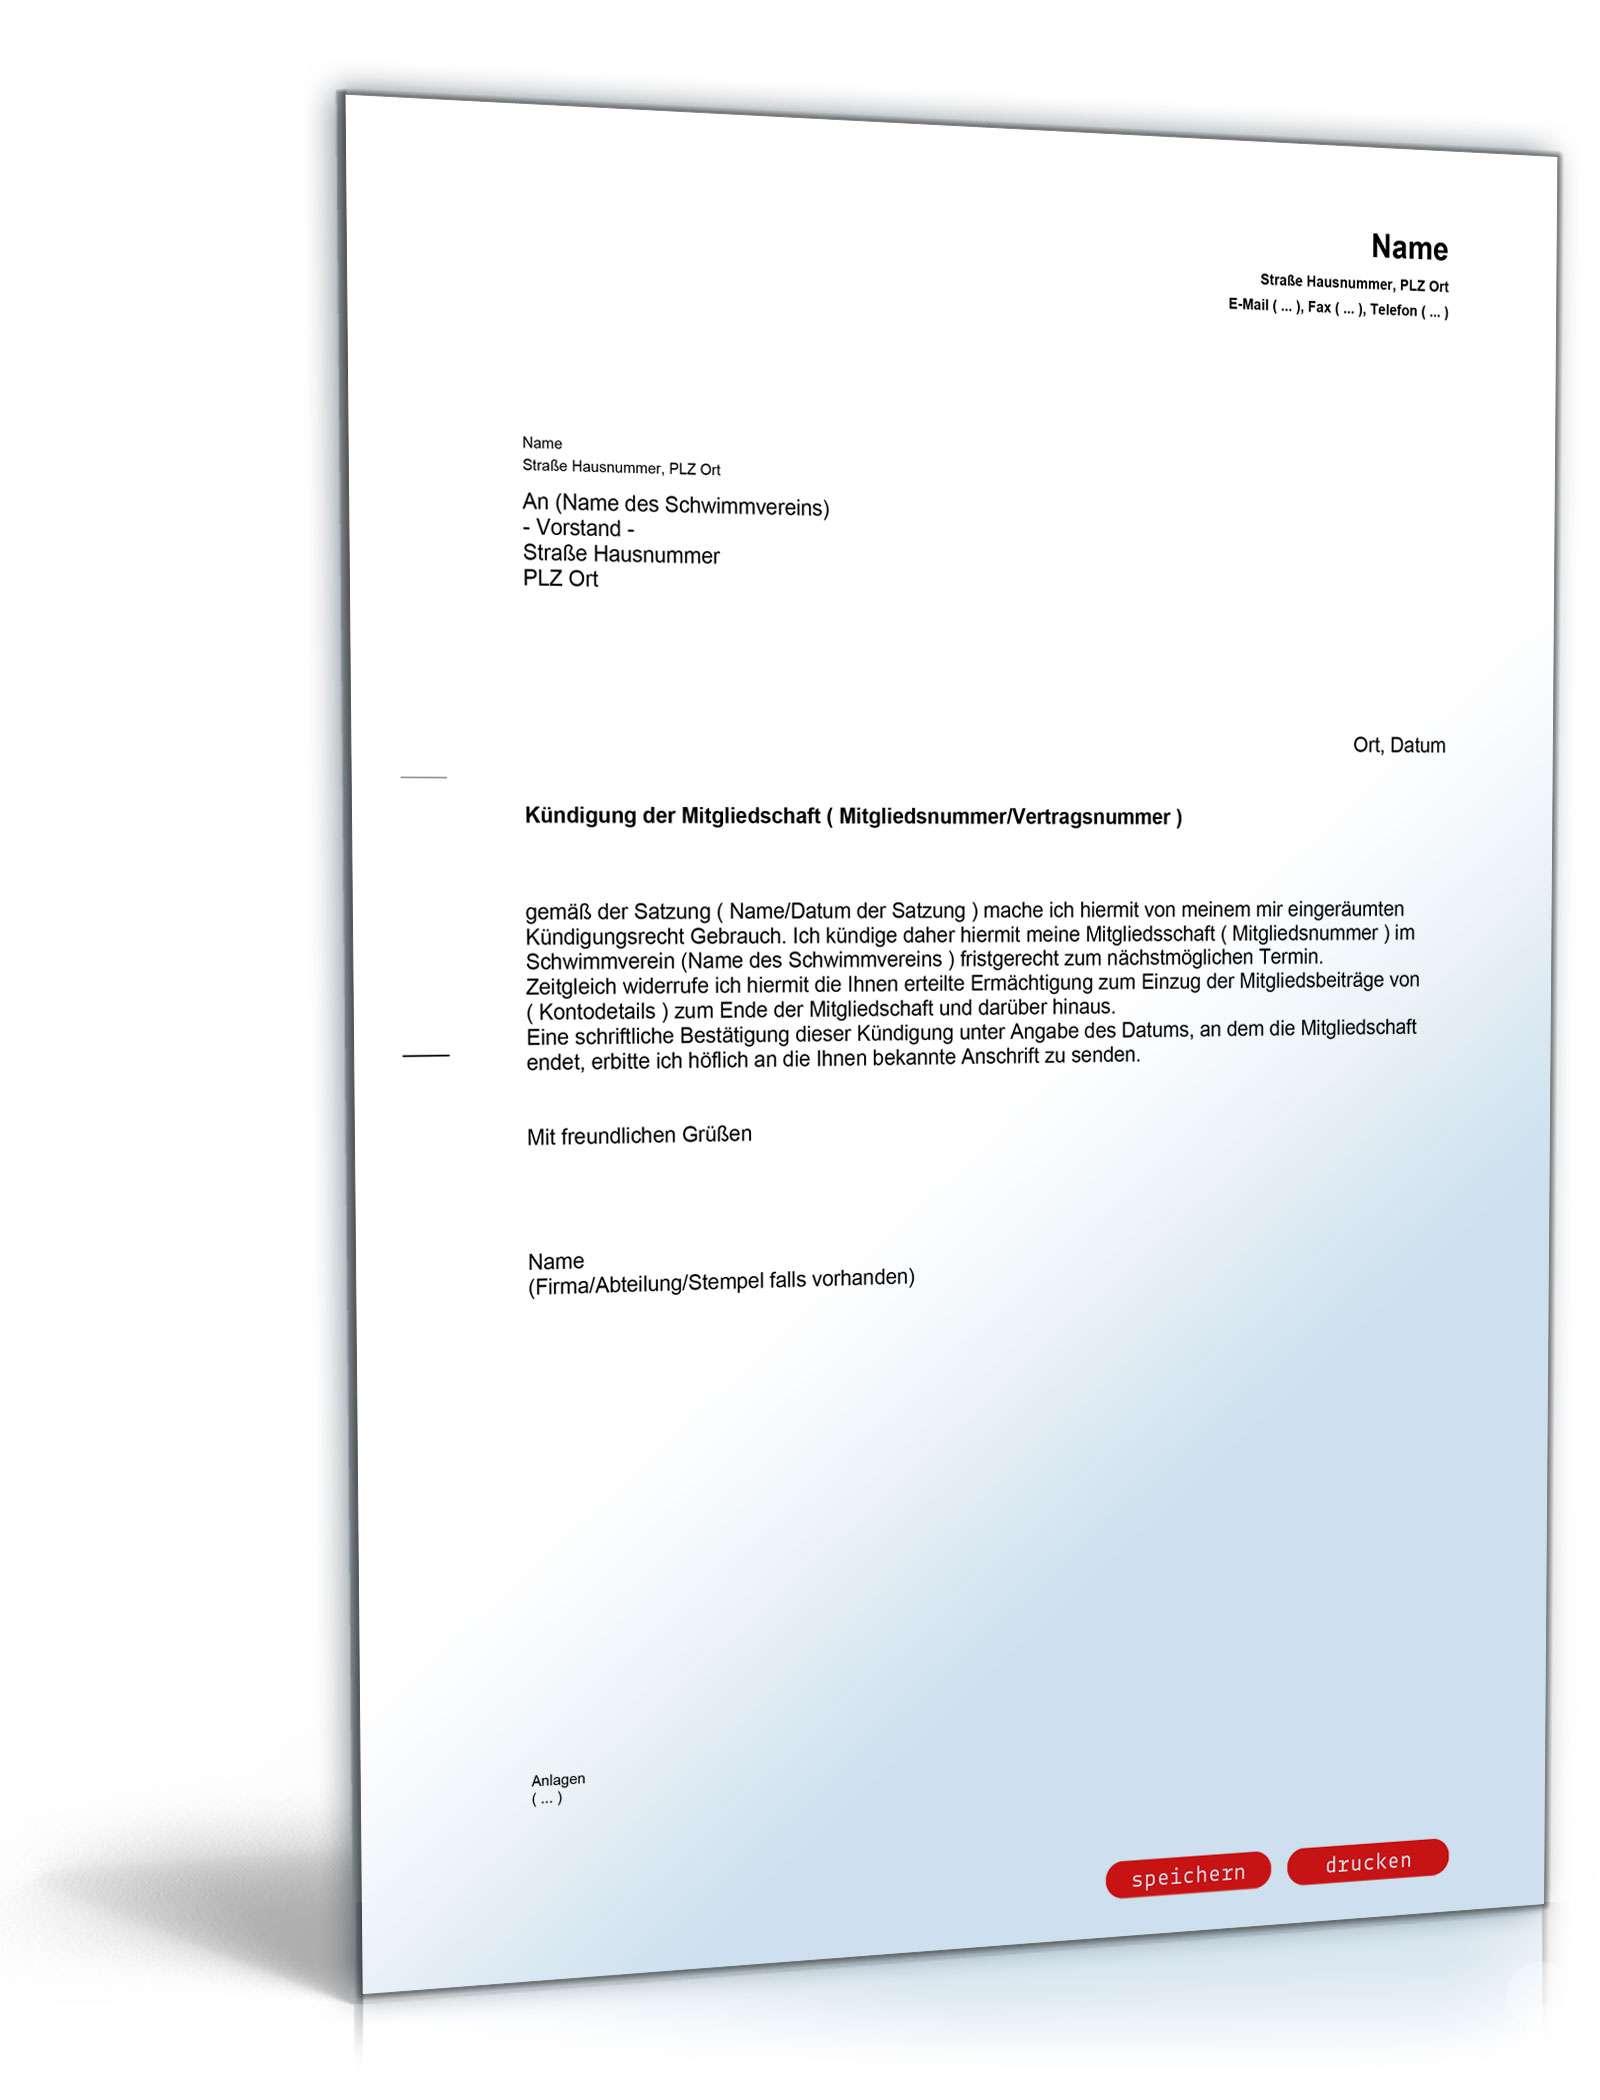 Kündigung Mitgliedschaft Schwimmverein Muster Zum Download